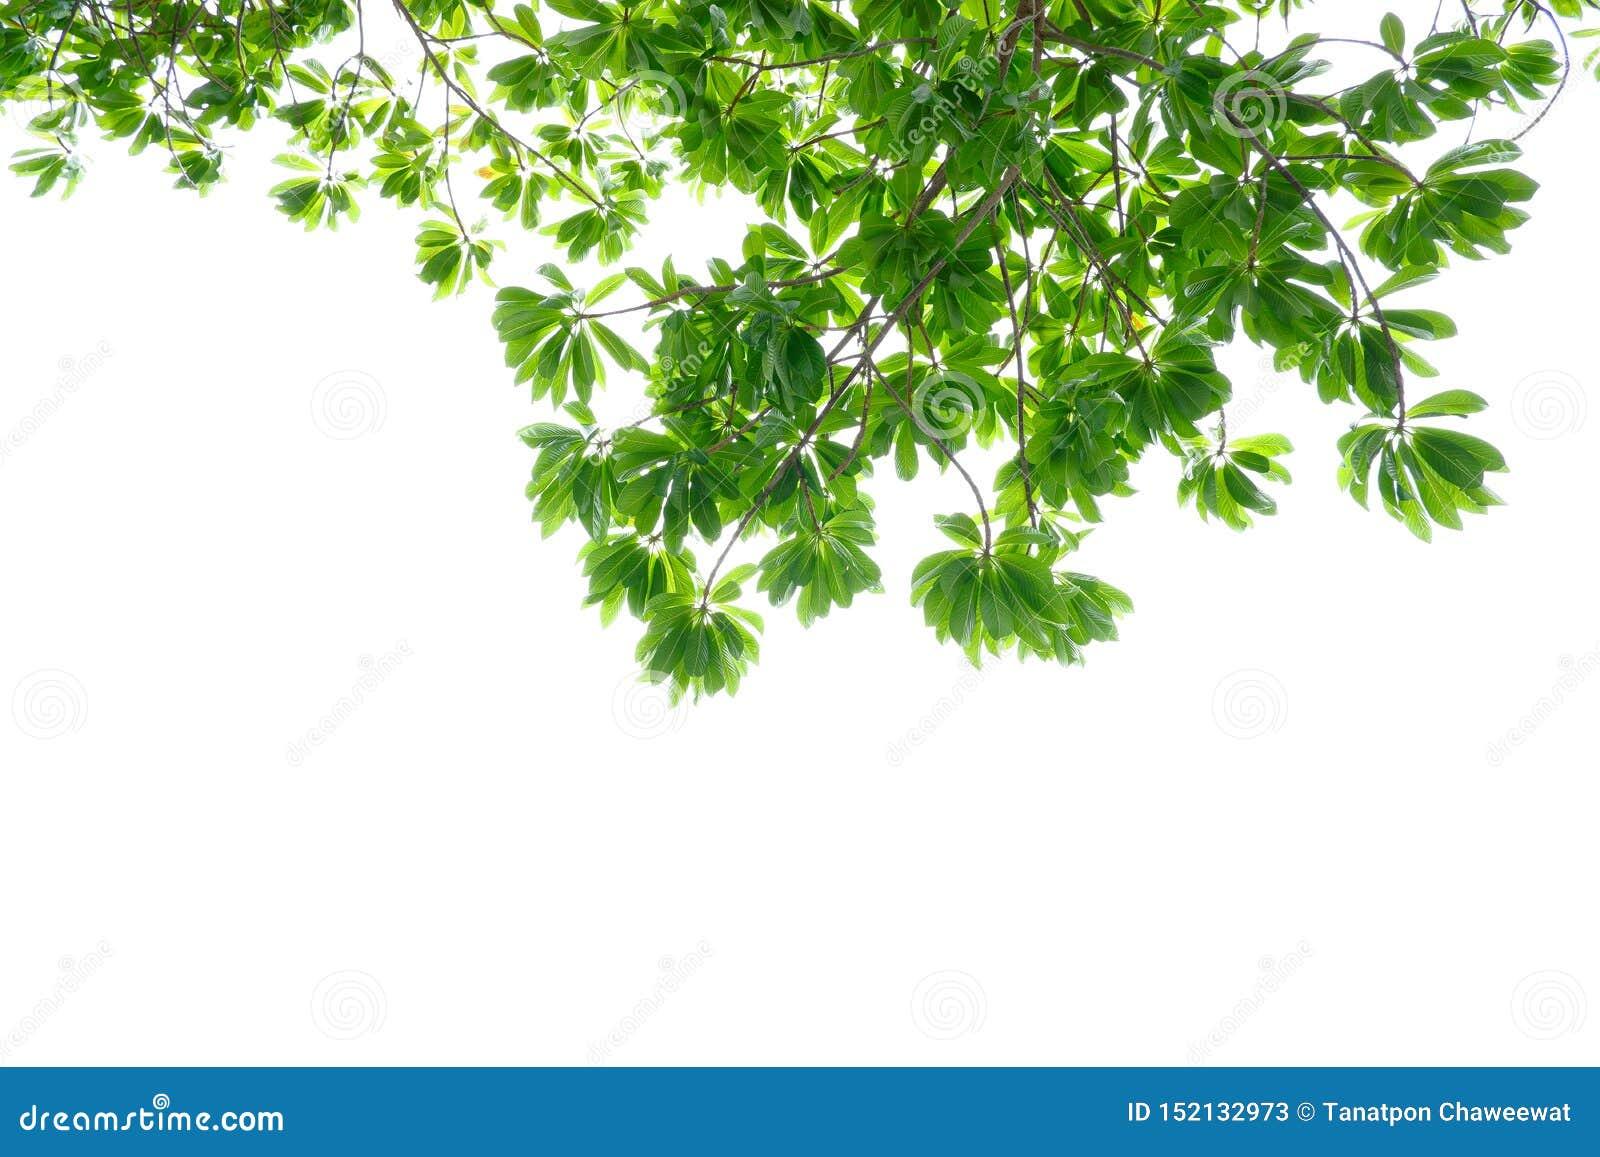 Asiatische tropische grüne Blätter, die auf einem weißen Hintergrund lokalisierten